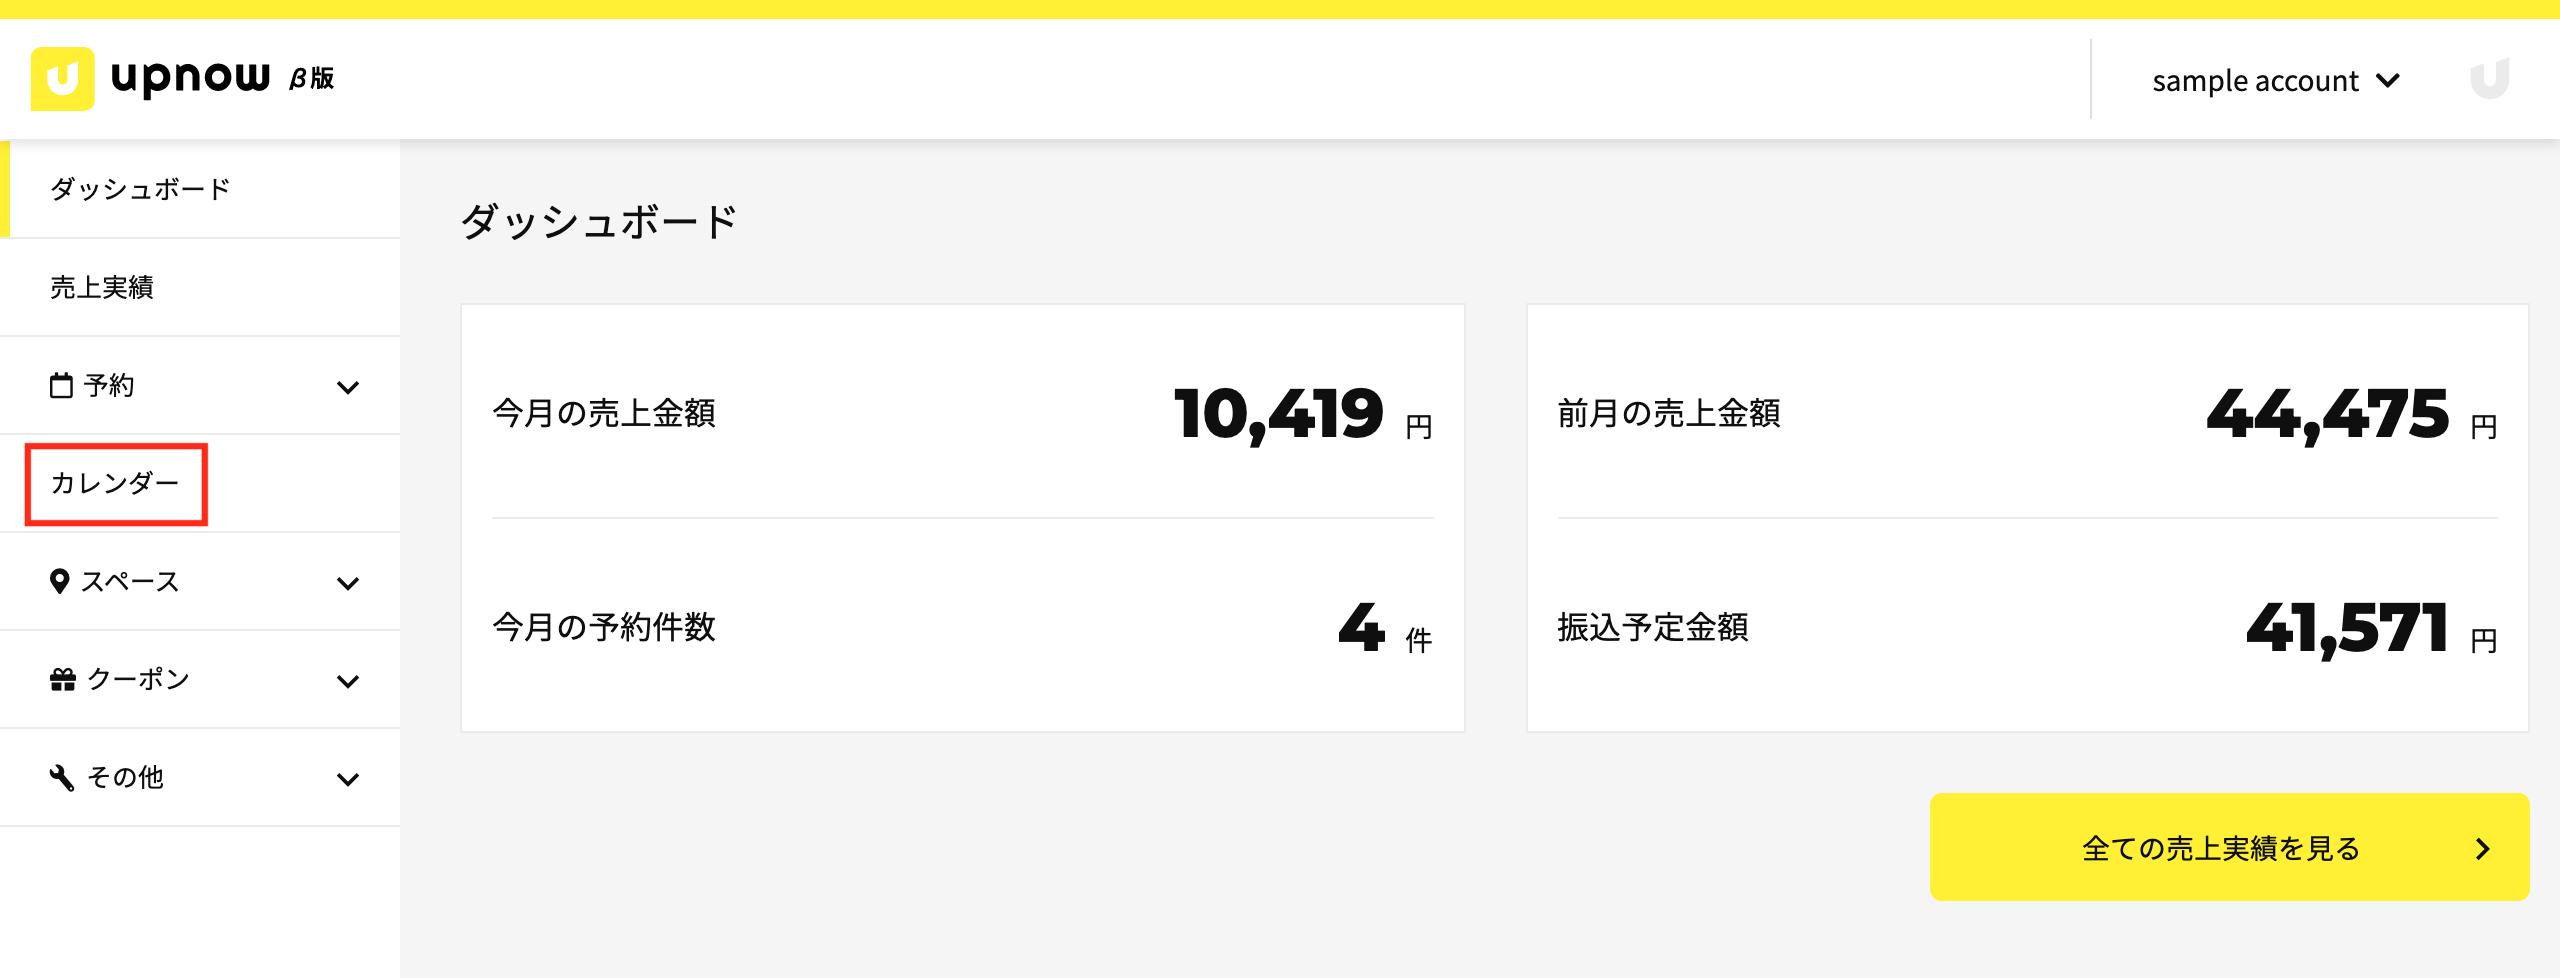 スクリーンショット 2020-01-10 15.11.21.png